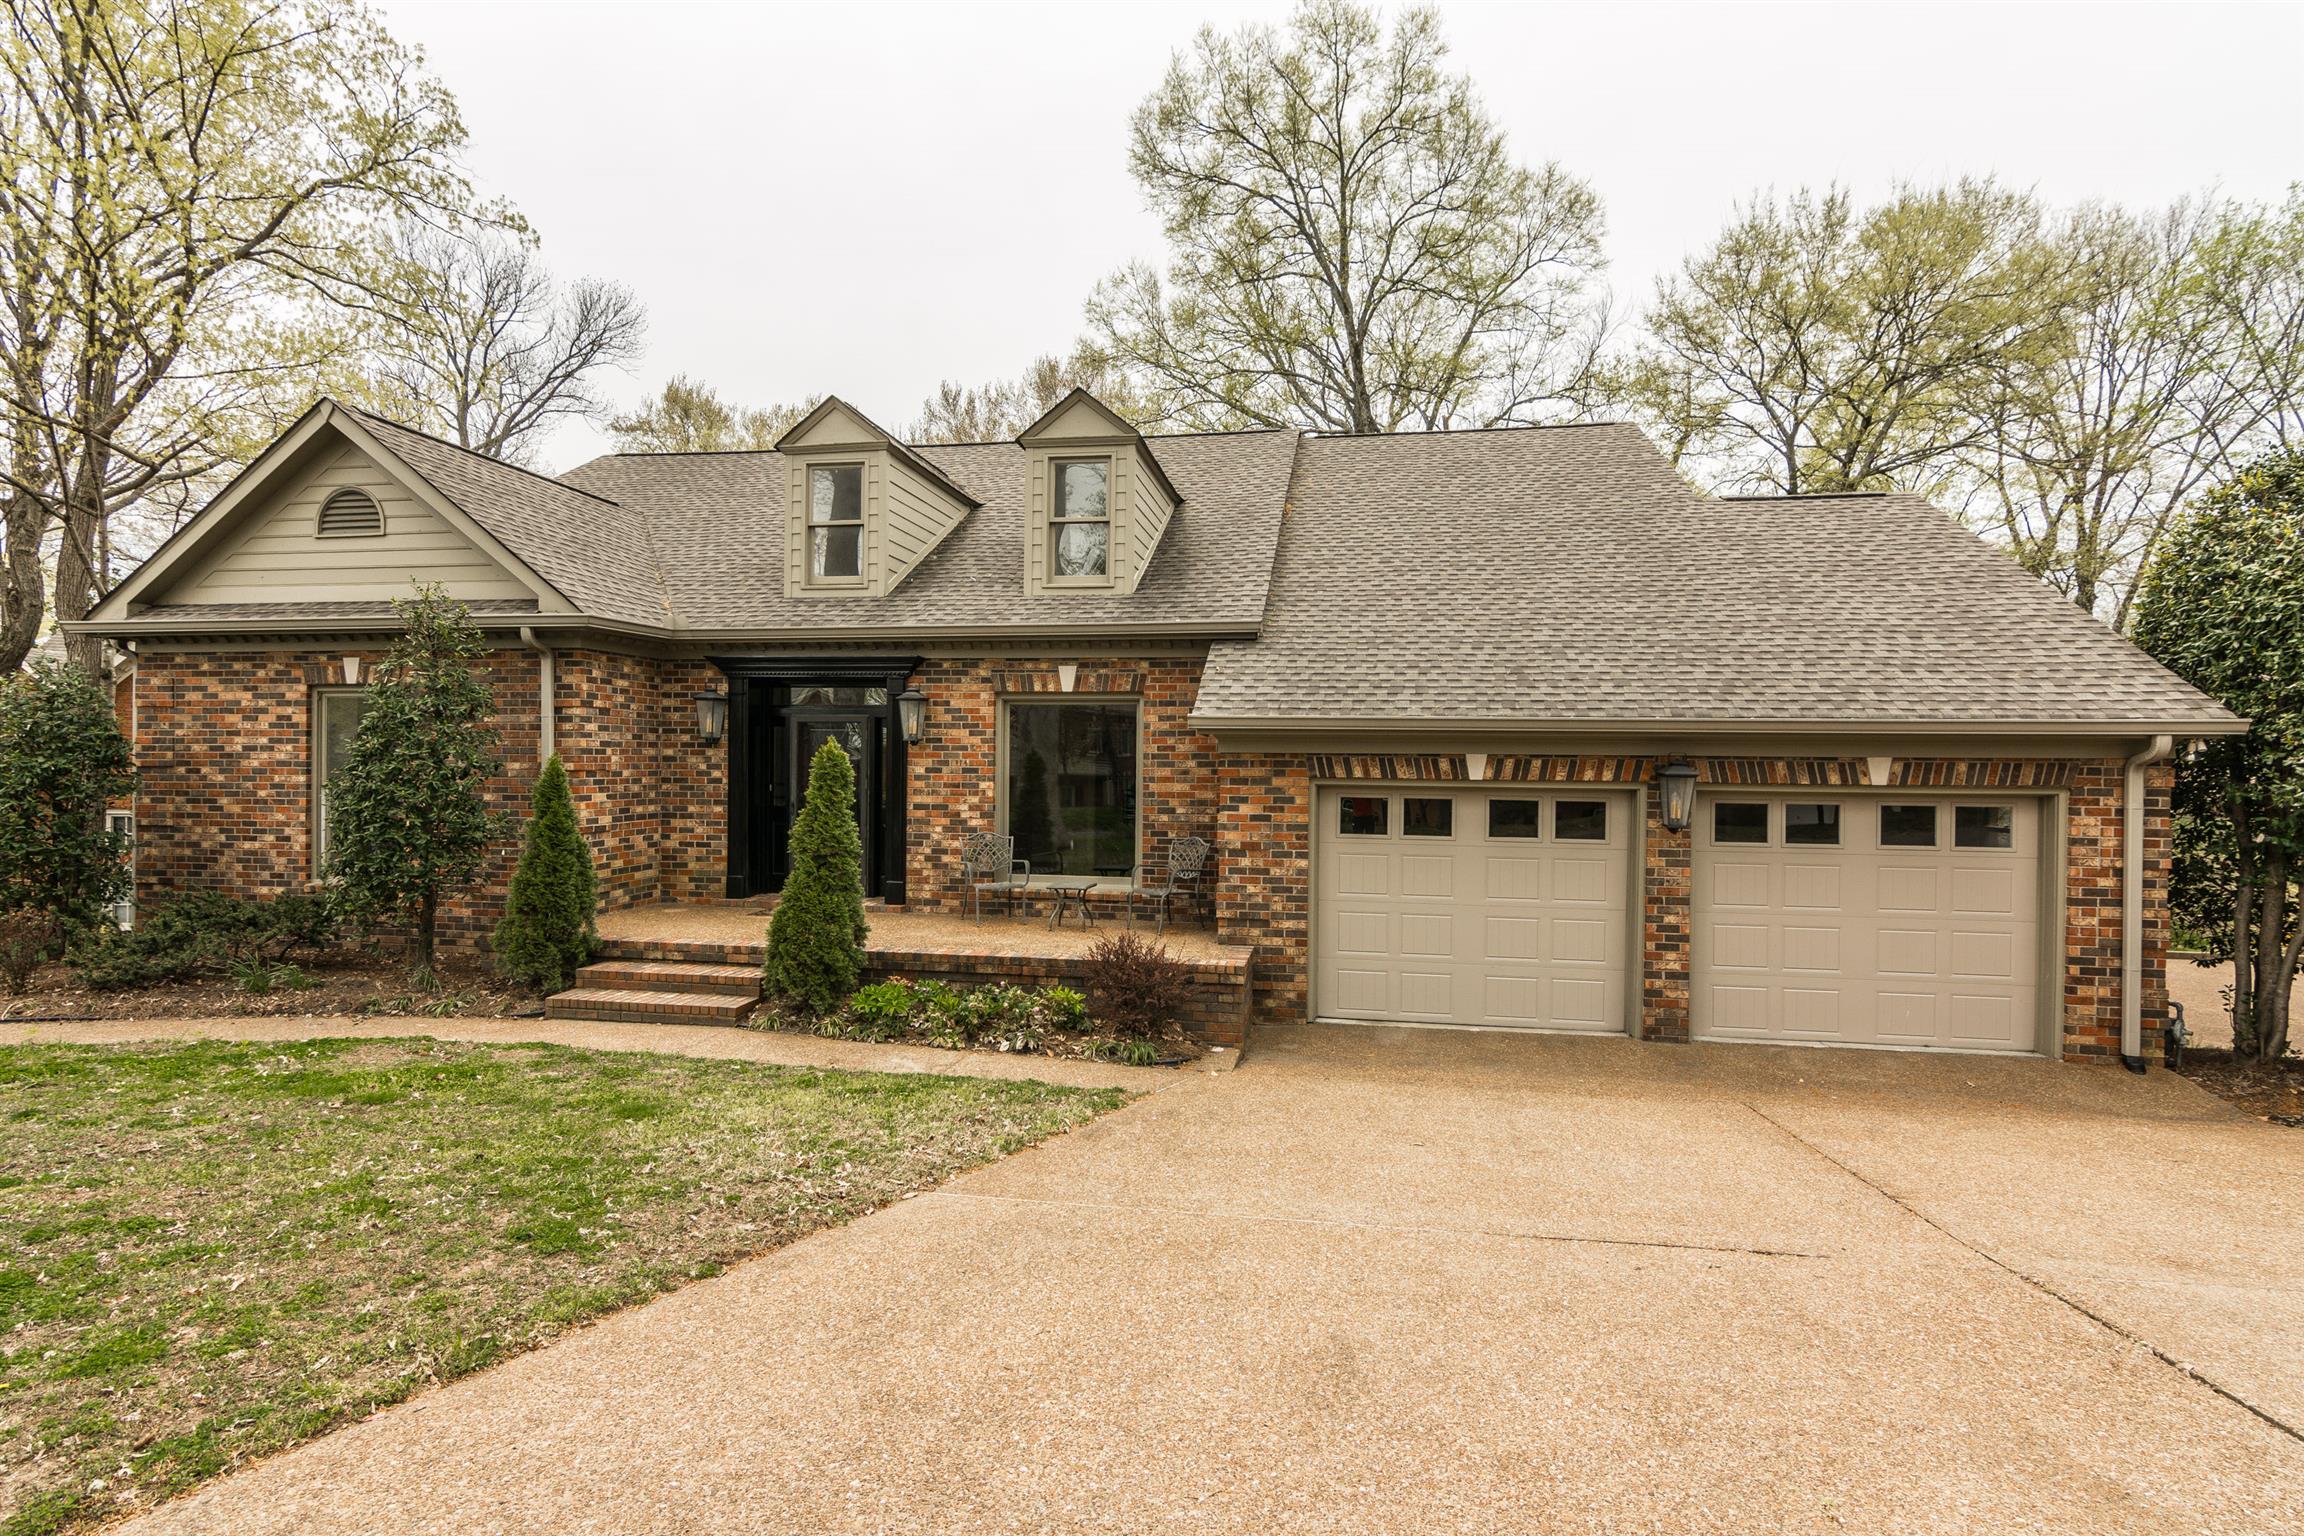 112 Hidden Pt, Hendersonville, TN 37075 - Hendersonville, TN real estate listing